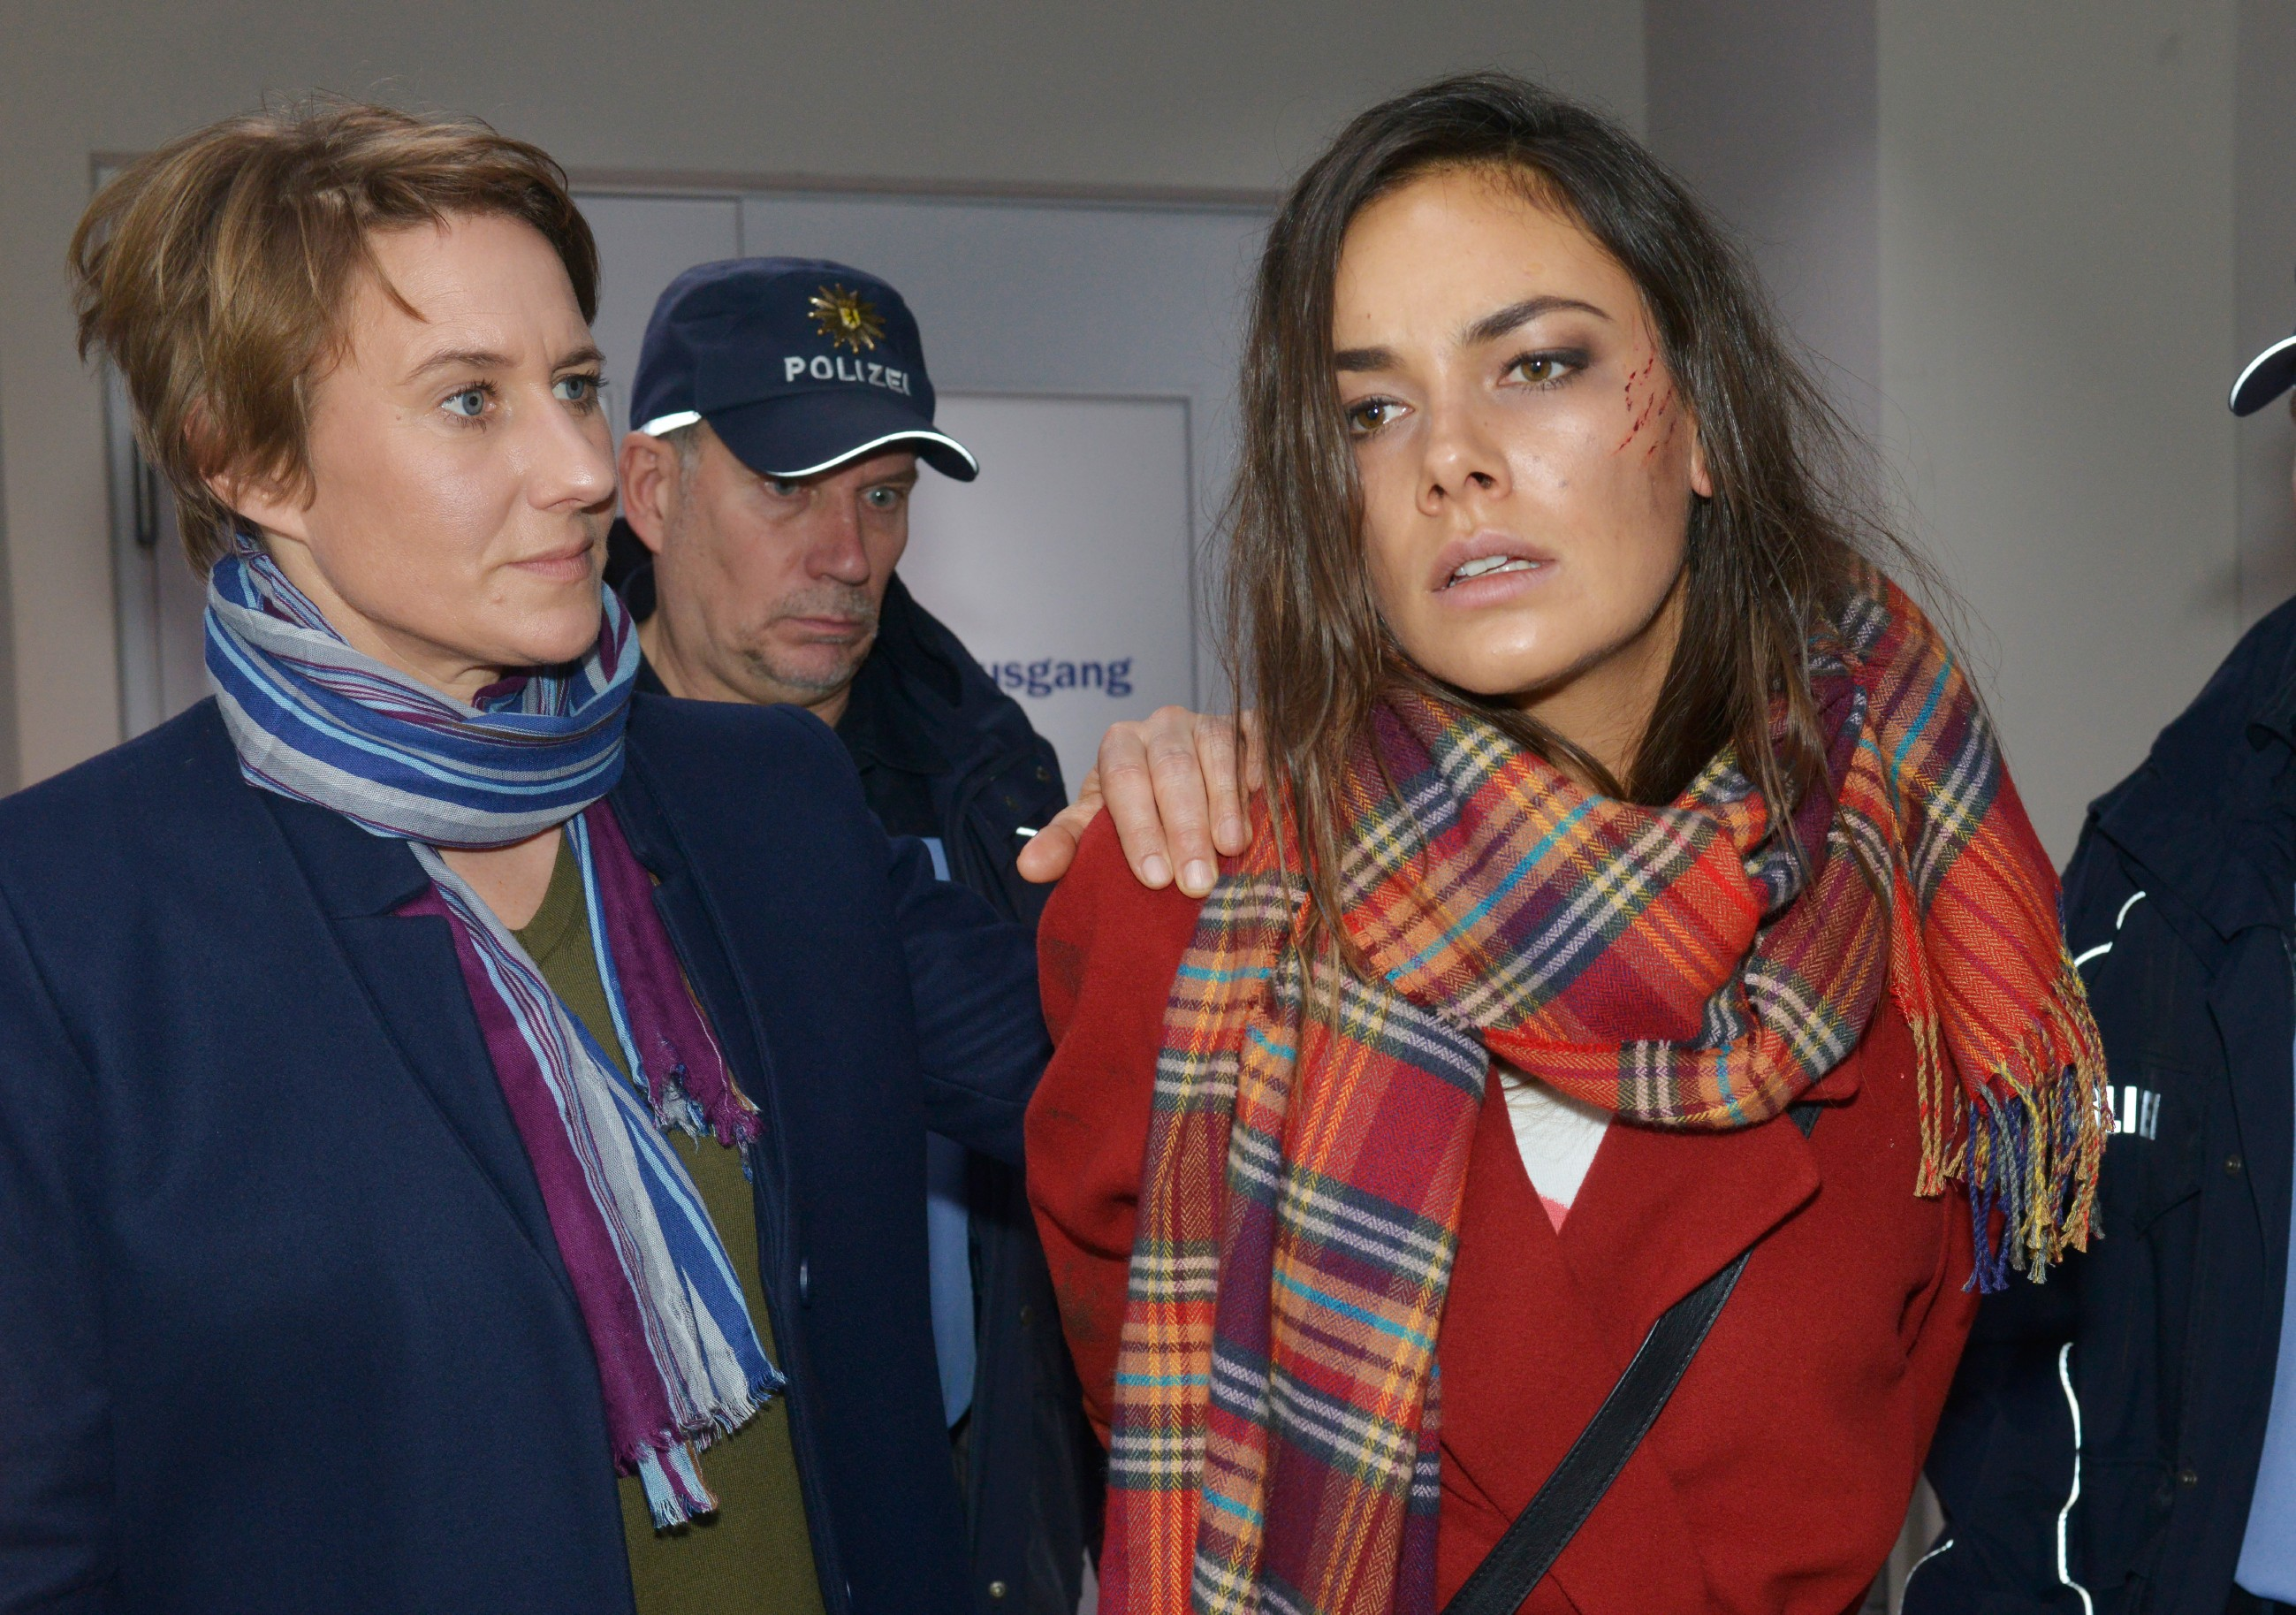 Um Katrin zu retten, hat Jasmin (Janina Uhse, r.) ihre Festnahme durch Kommissarin Knappe (Meike Schlüter) in Kauf genommen. (Quelle: RTL / Rolf Baumgartner)